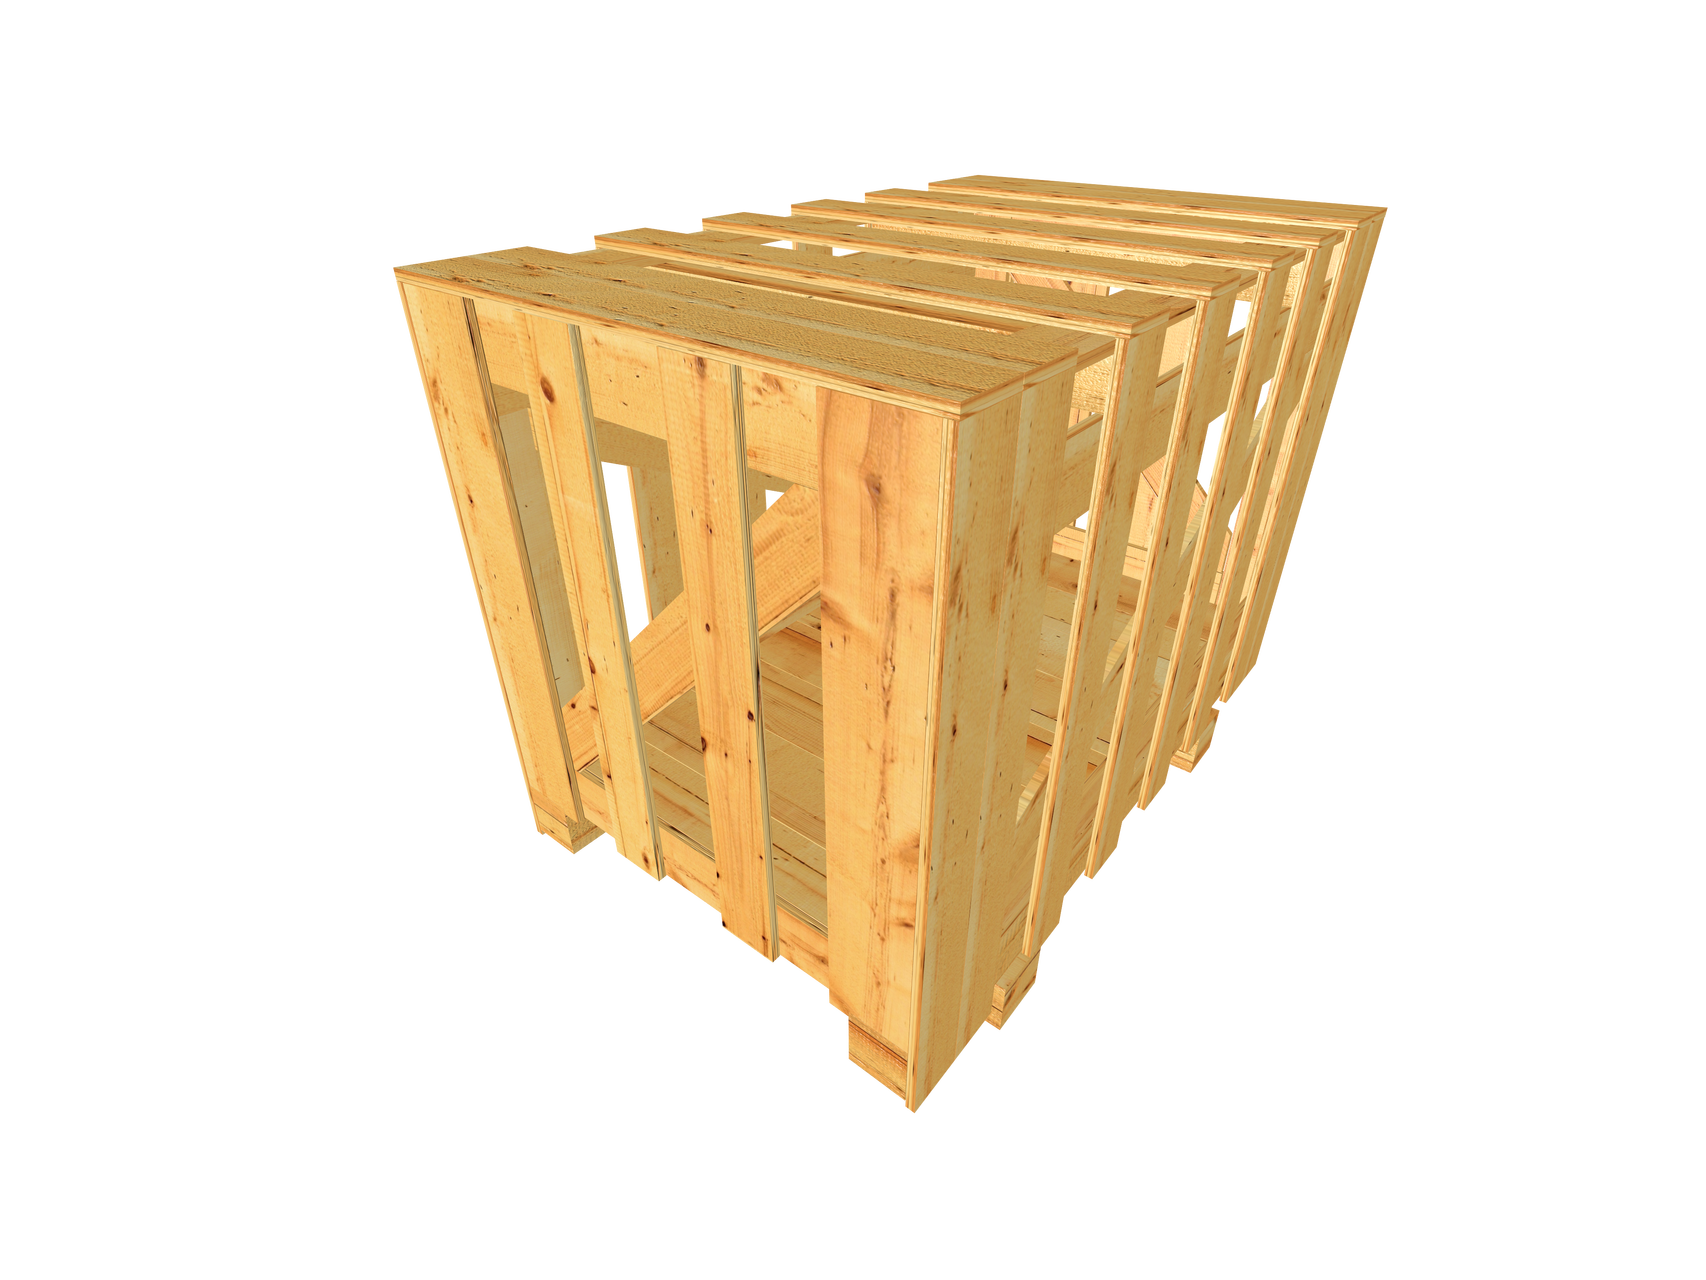 B2 Schwergutkiste mit Vertikalverbretterung als Verschlag